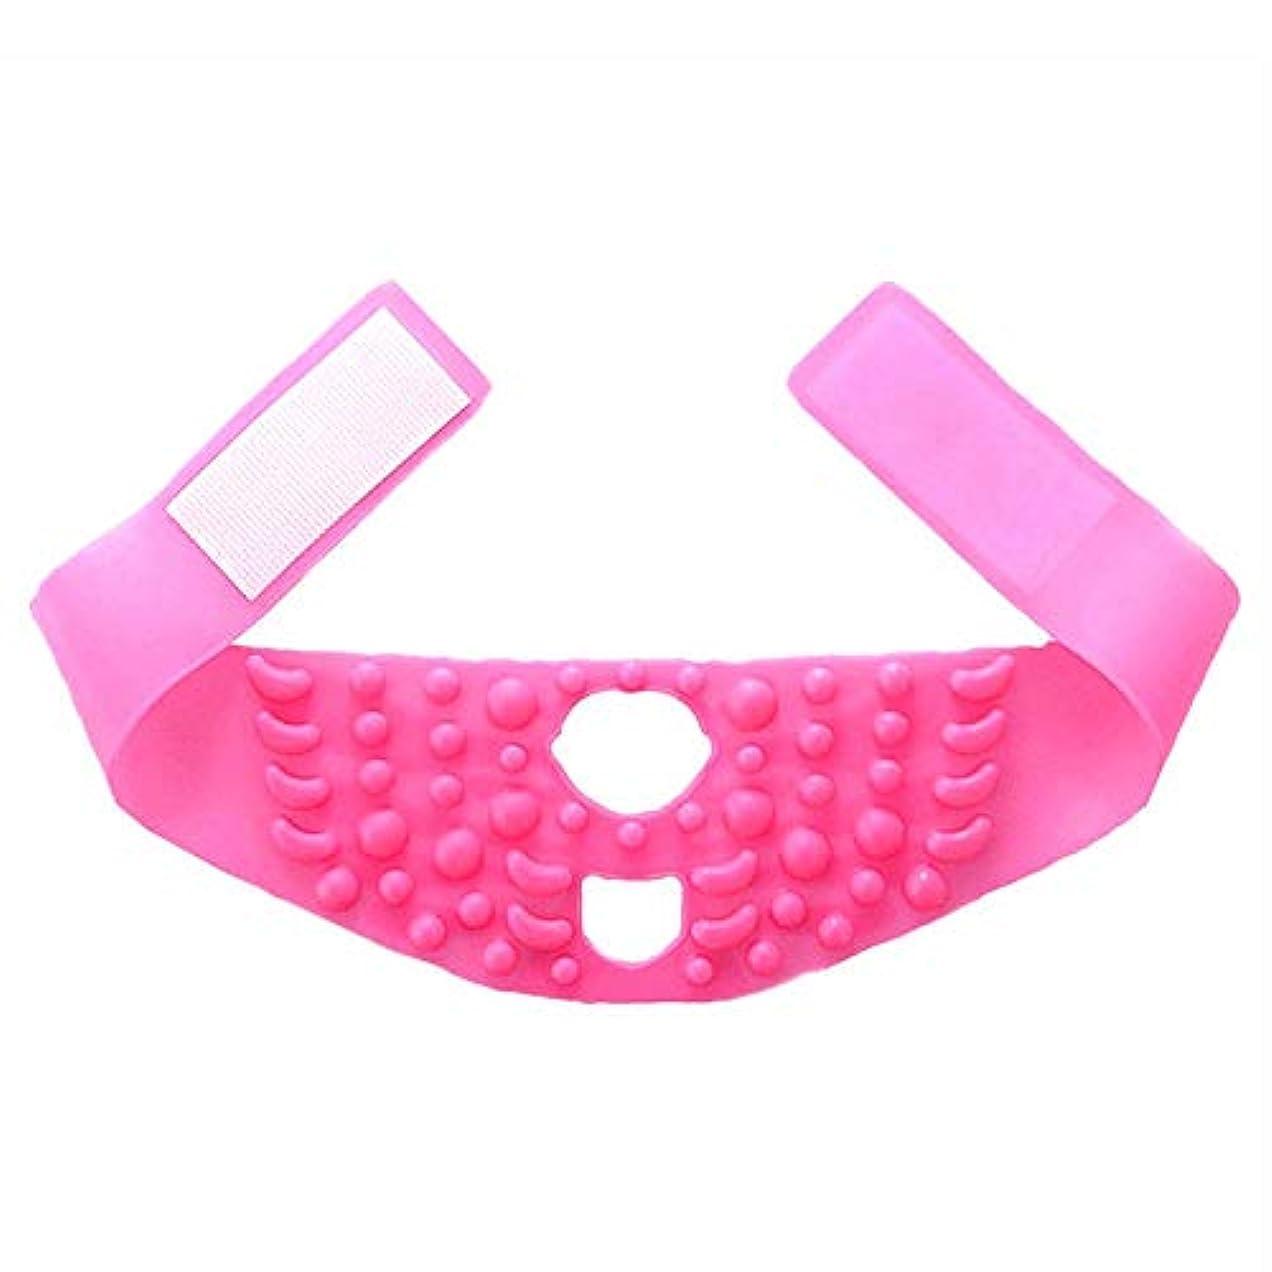 石膏恥乙女シンフェイスマスクシリコーンマッサージ引き締まった形の小さなVフェイスリフティングに薄いフェイスアーティファクト包帯を飾る - ピンク